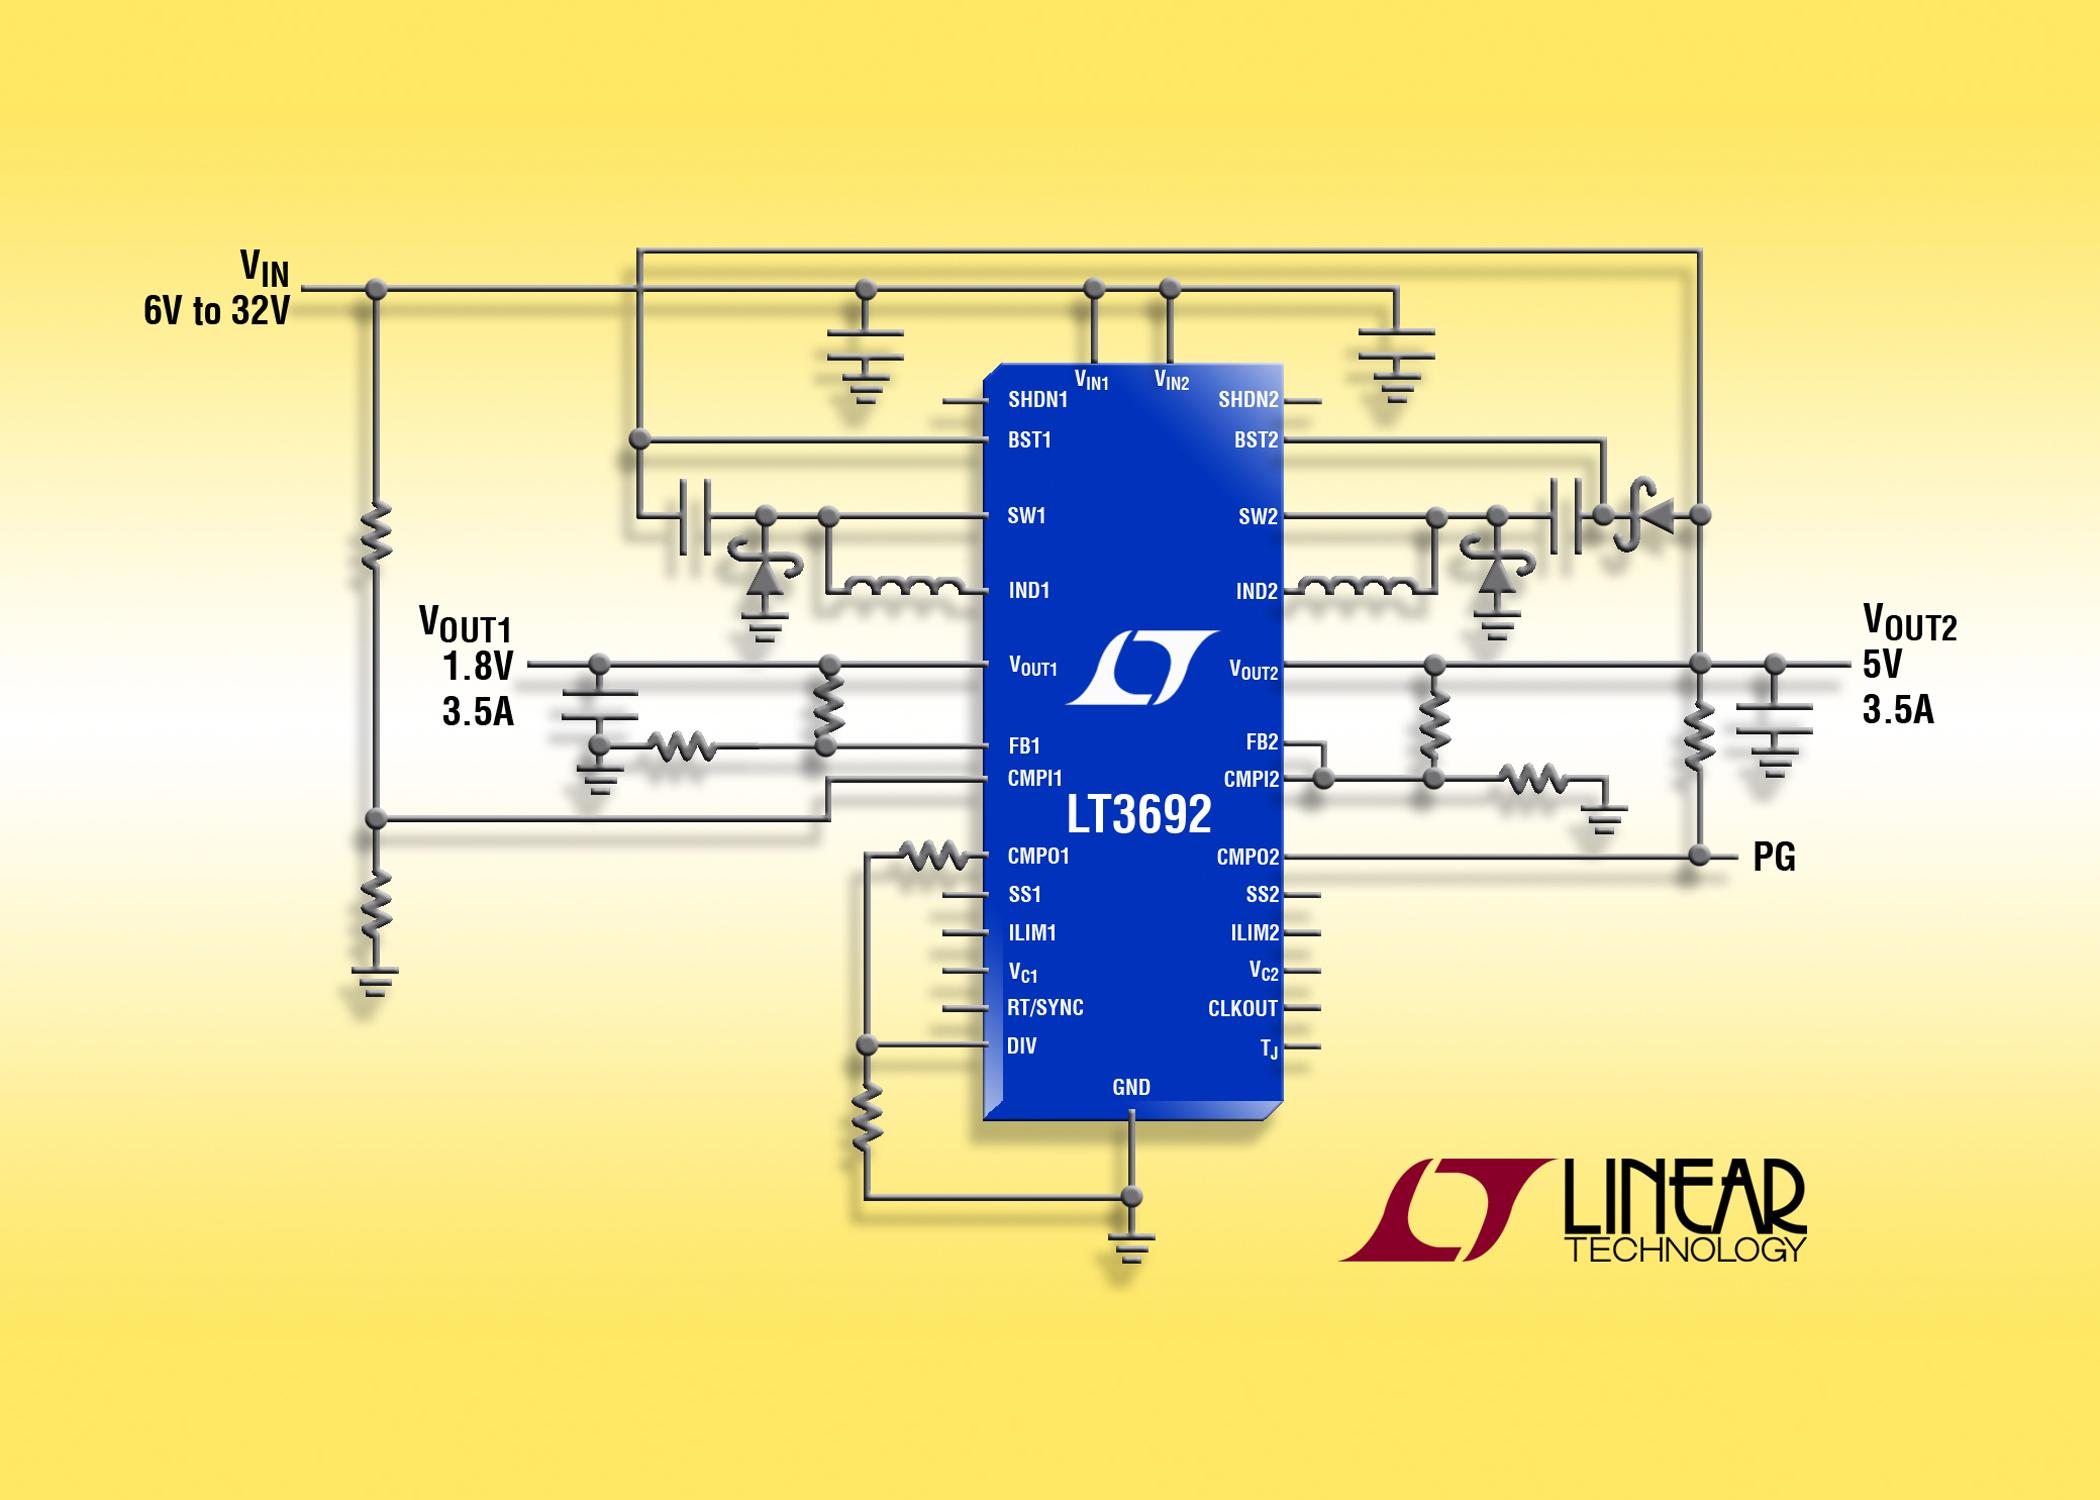 照片说明:36V 输入、双通道、3.5A (IOUT) 降压型DC/DC转换器